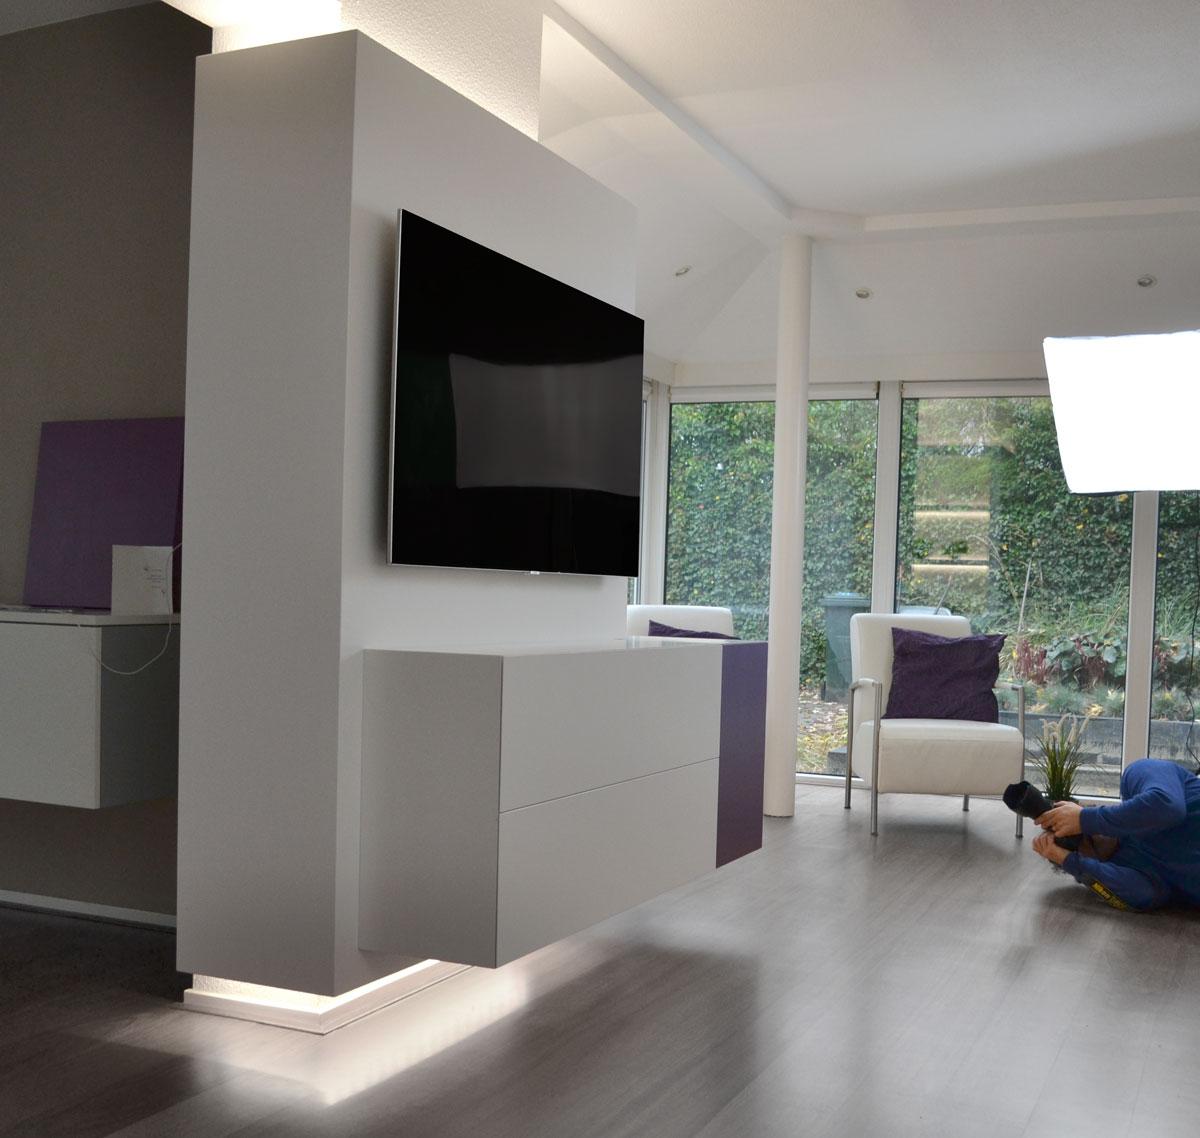 Afbeelding van een hoek design TV meubel om een zuil met op de achtergrond een fotograaf op de vloer.